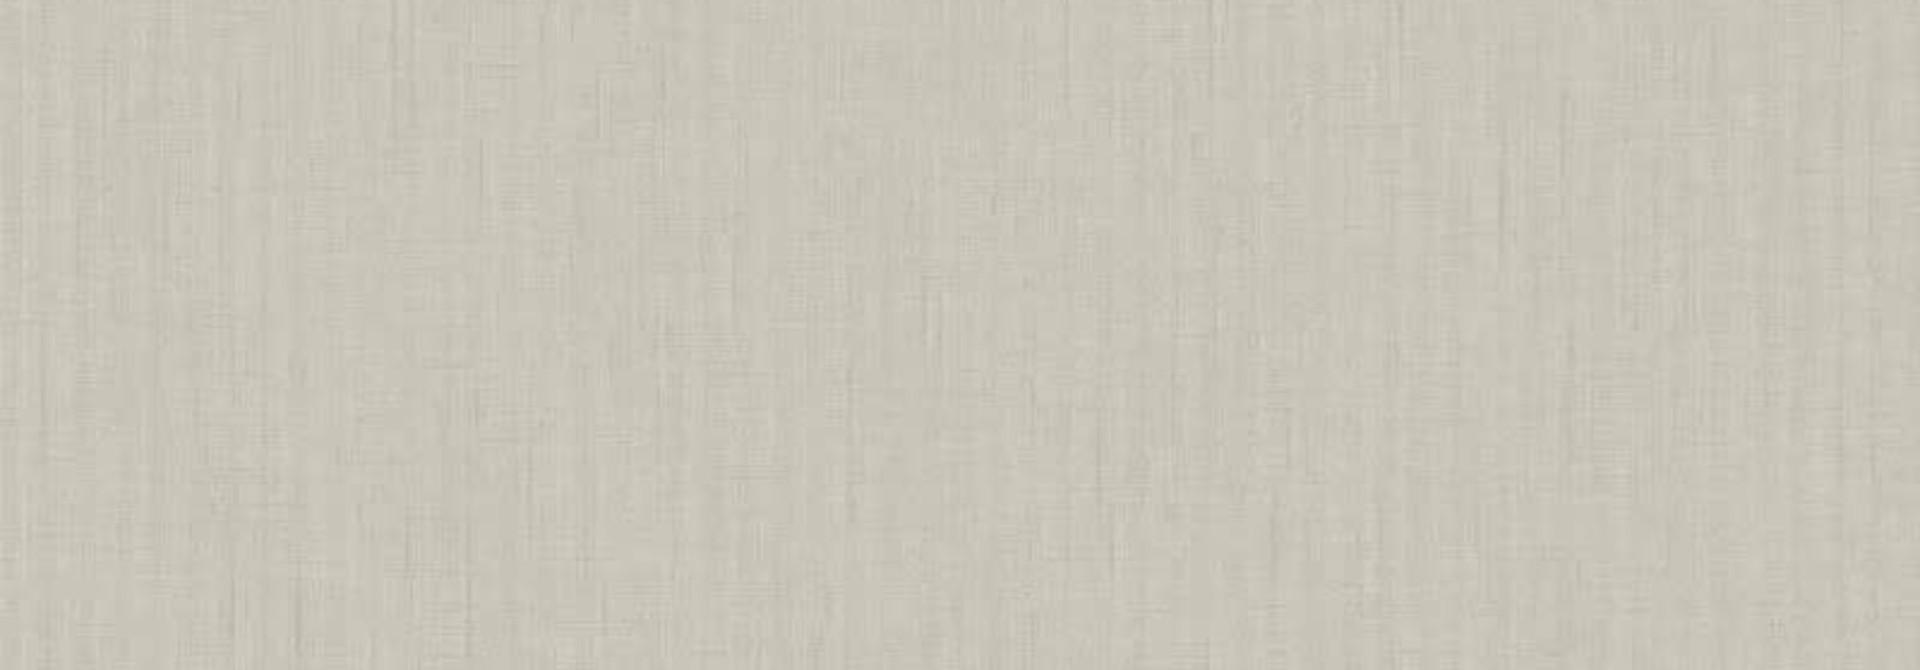 Behang 5020 Katoen